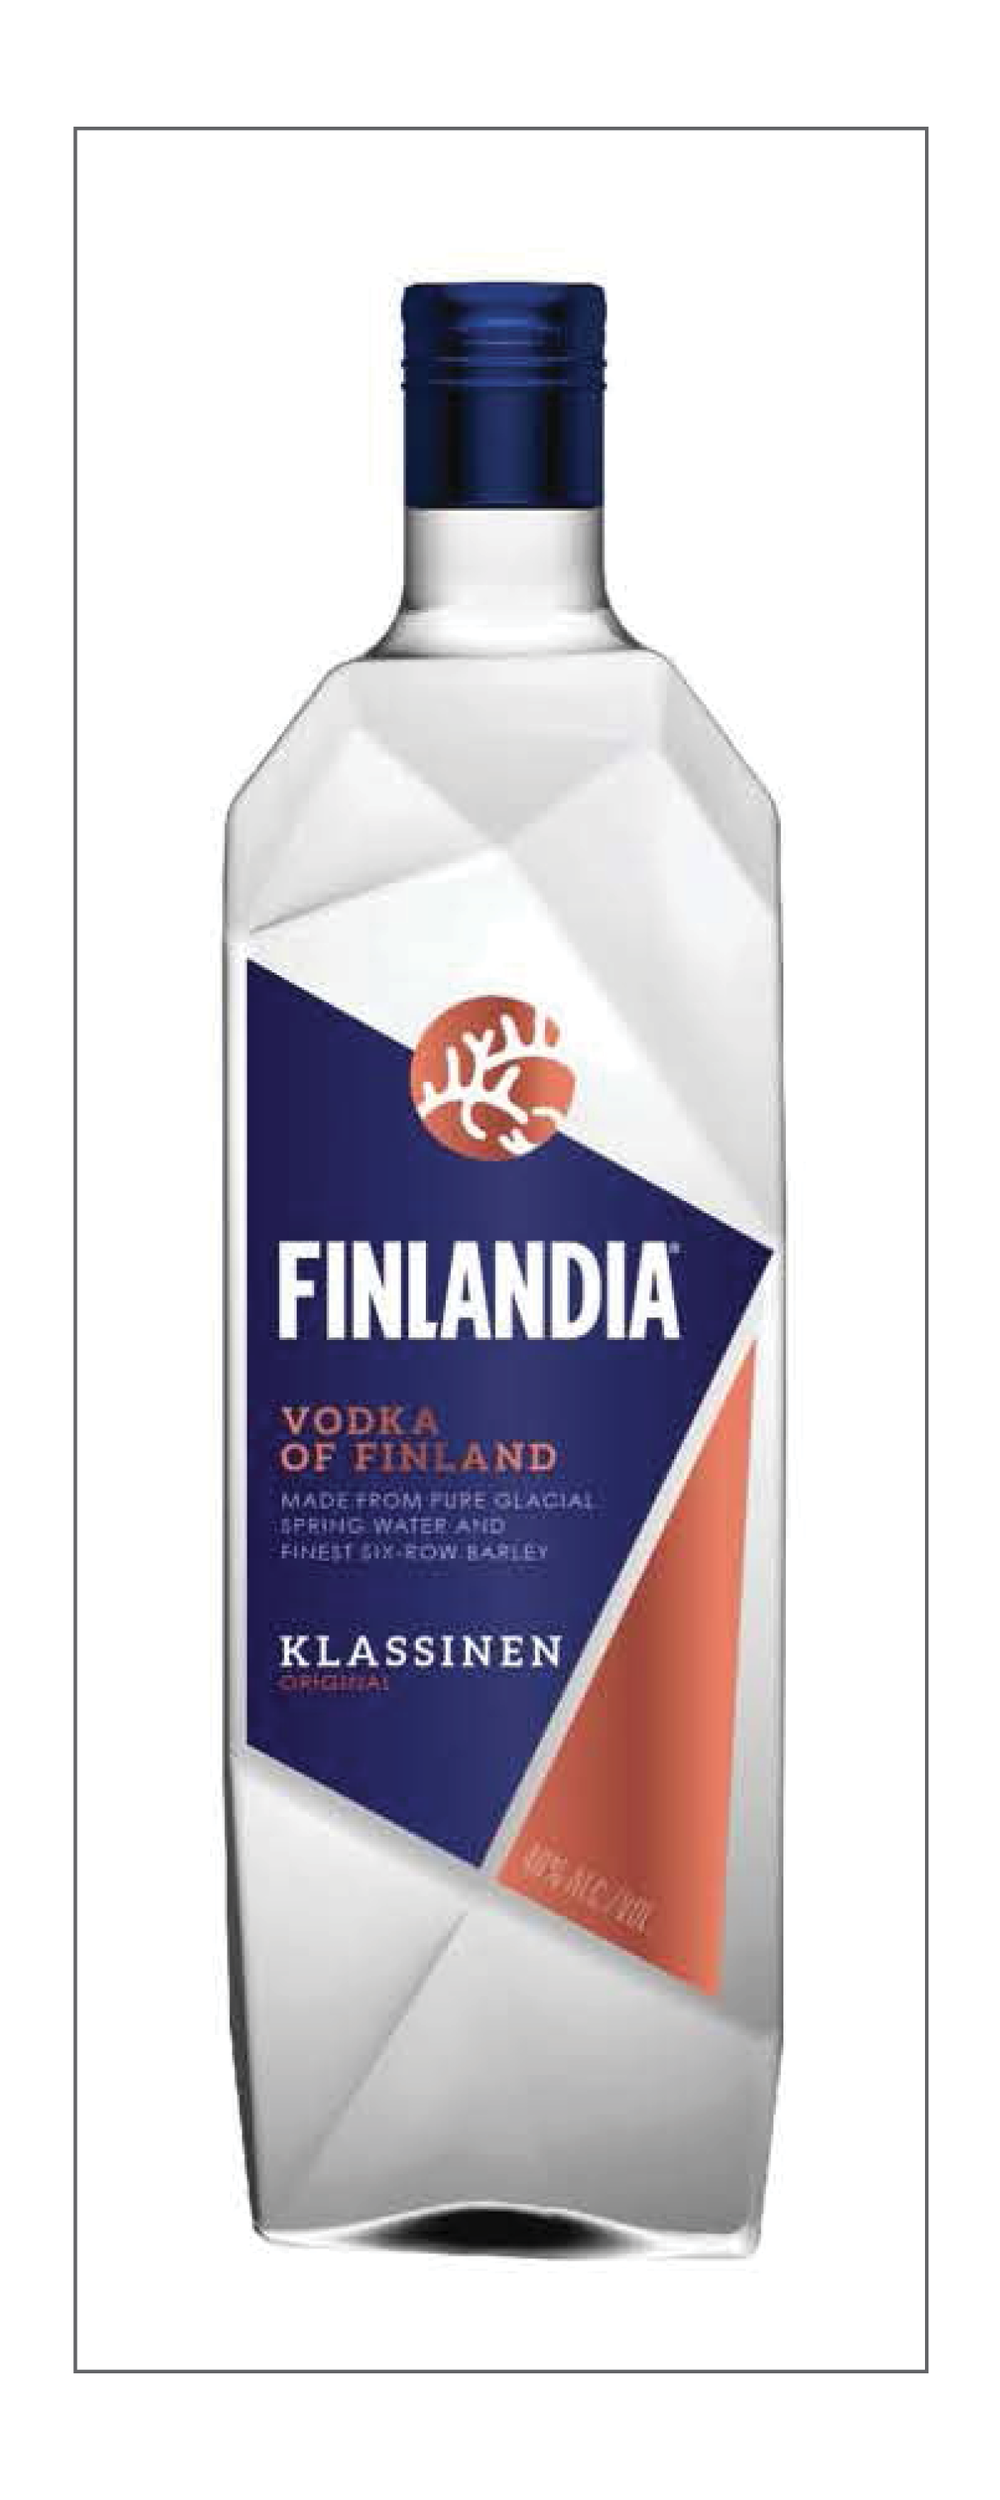 FV_Bottle_concepts15.png